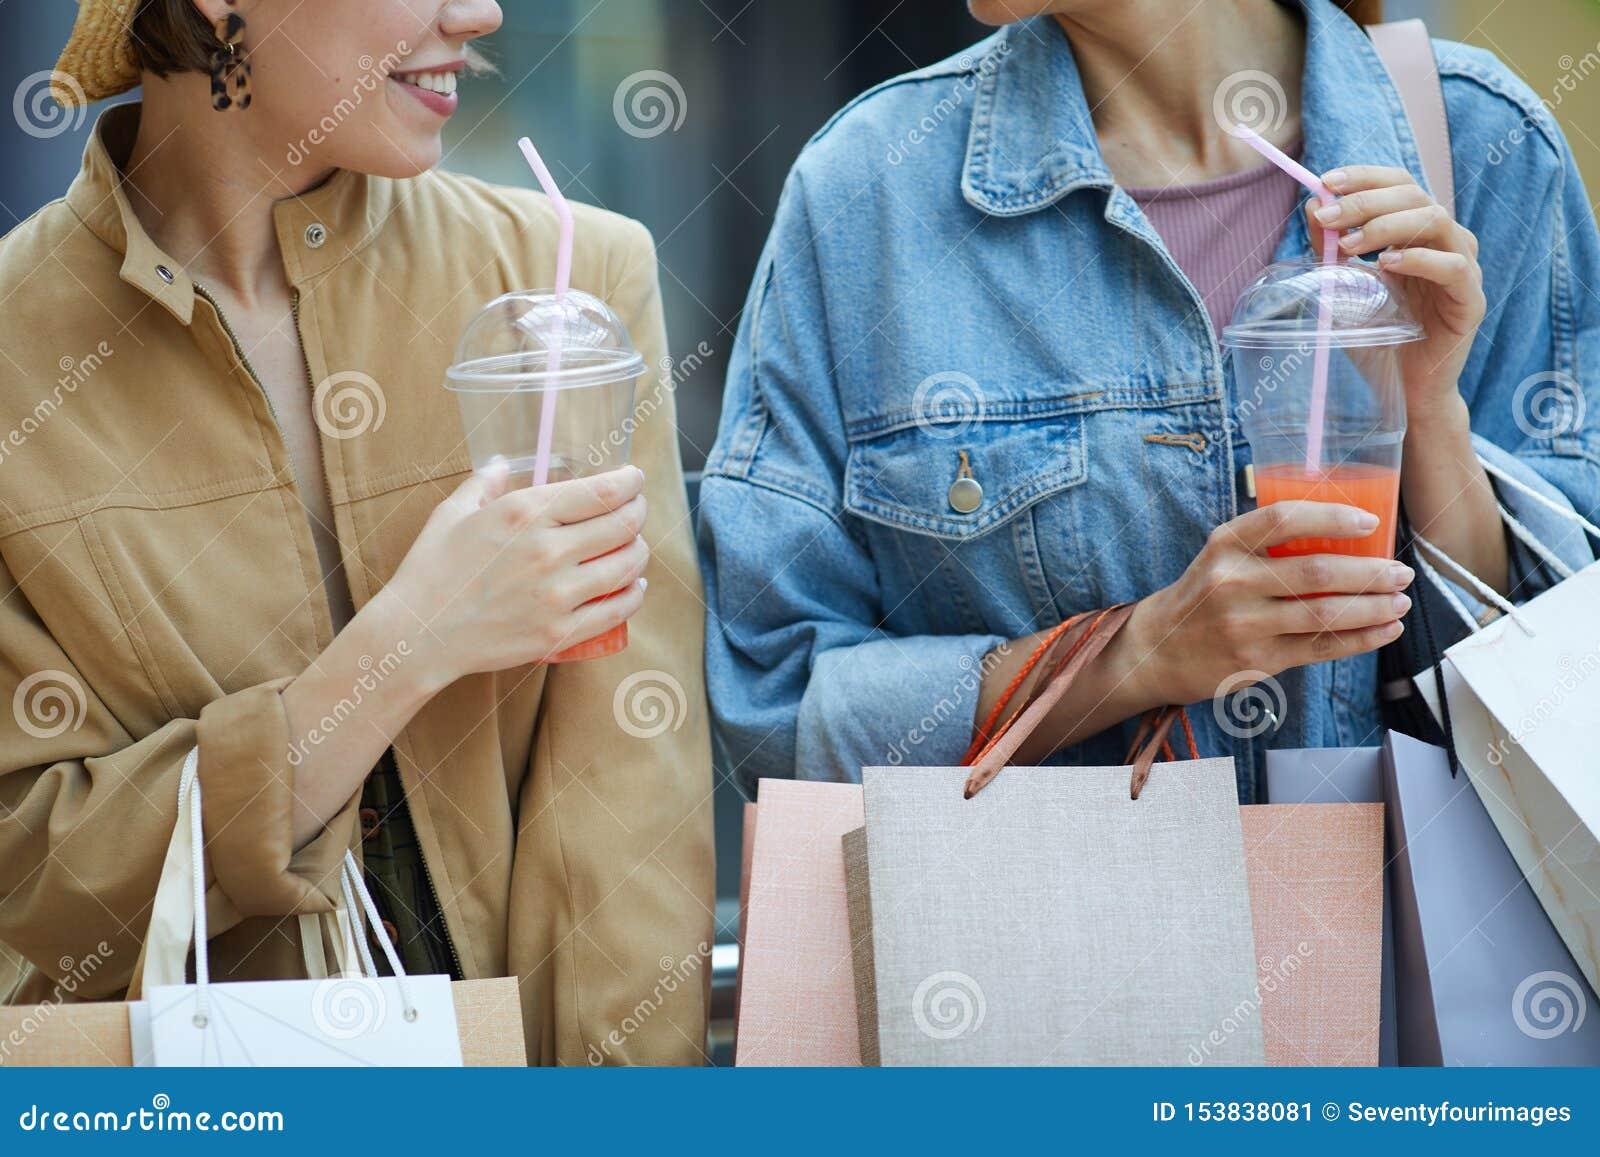 Förnyande sommarcoctailar under shopping